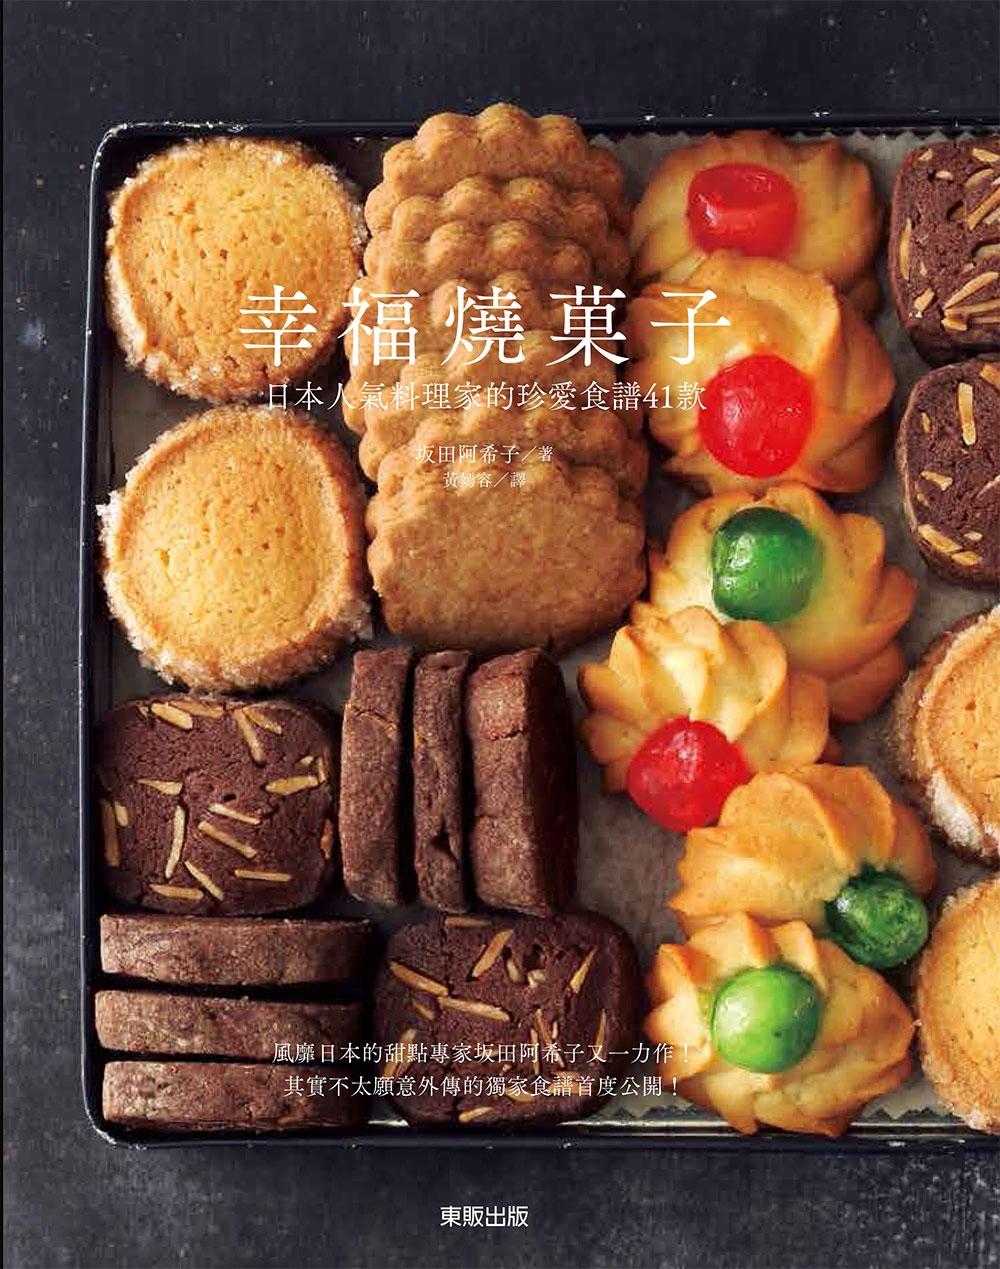 ◤博客來BOOKS◢ 暢銷書榜《推薦》幸福燒菓子:日本人氣料理家的珍愛食譜41款